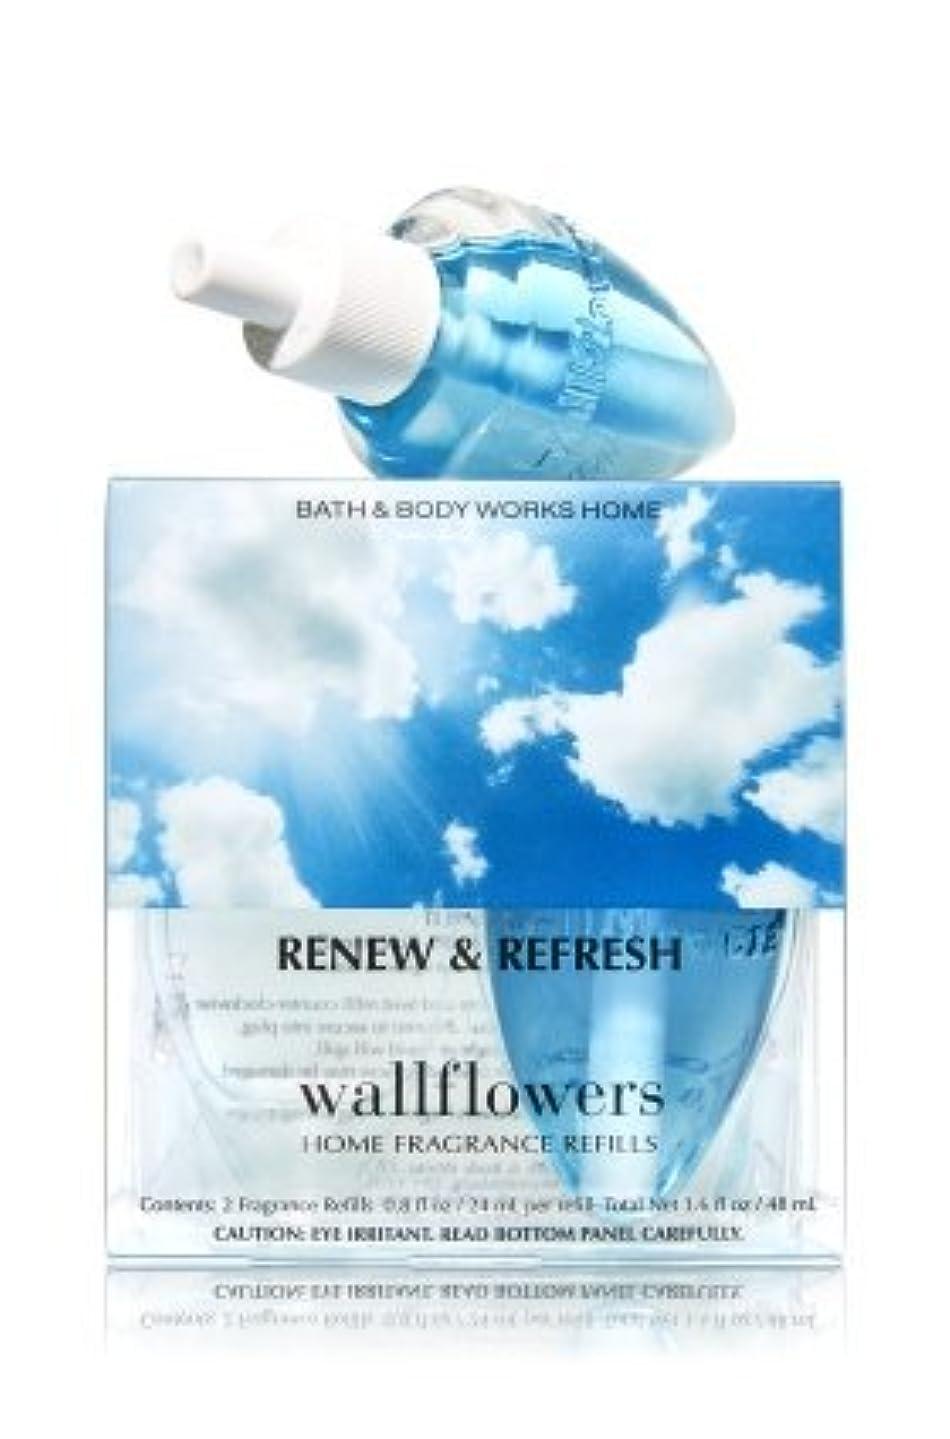 石の先生独立して【Bath&Body Works/バス&ボディワークス】 ホームフレグランス 詰替えリフィル(2個入り) リニュー&リフレッシュ Wallflowers Home Fragrance 2-Pack Refills Renew & Refresh [並行輸入品]